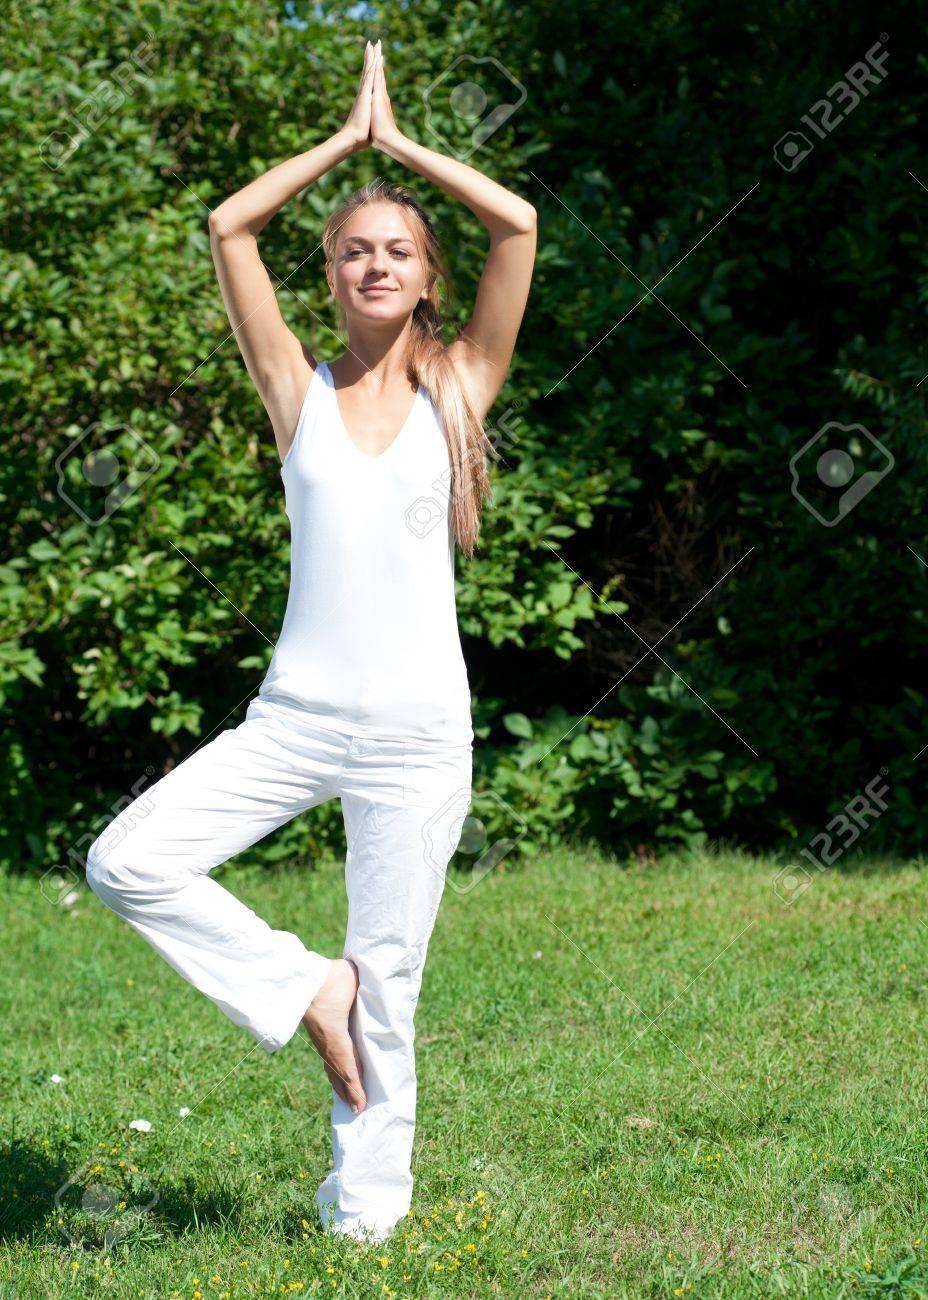 Junge Schöne Frau Auf Einem Bein Stehen Und Macht Yoga Meditation ...